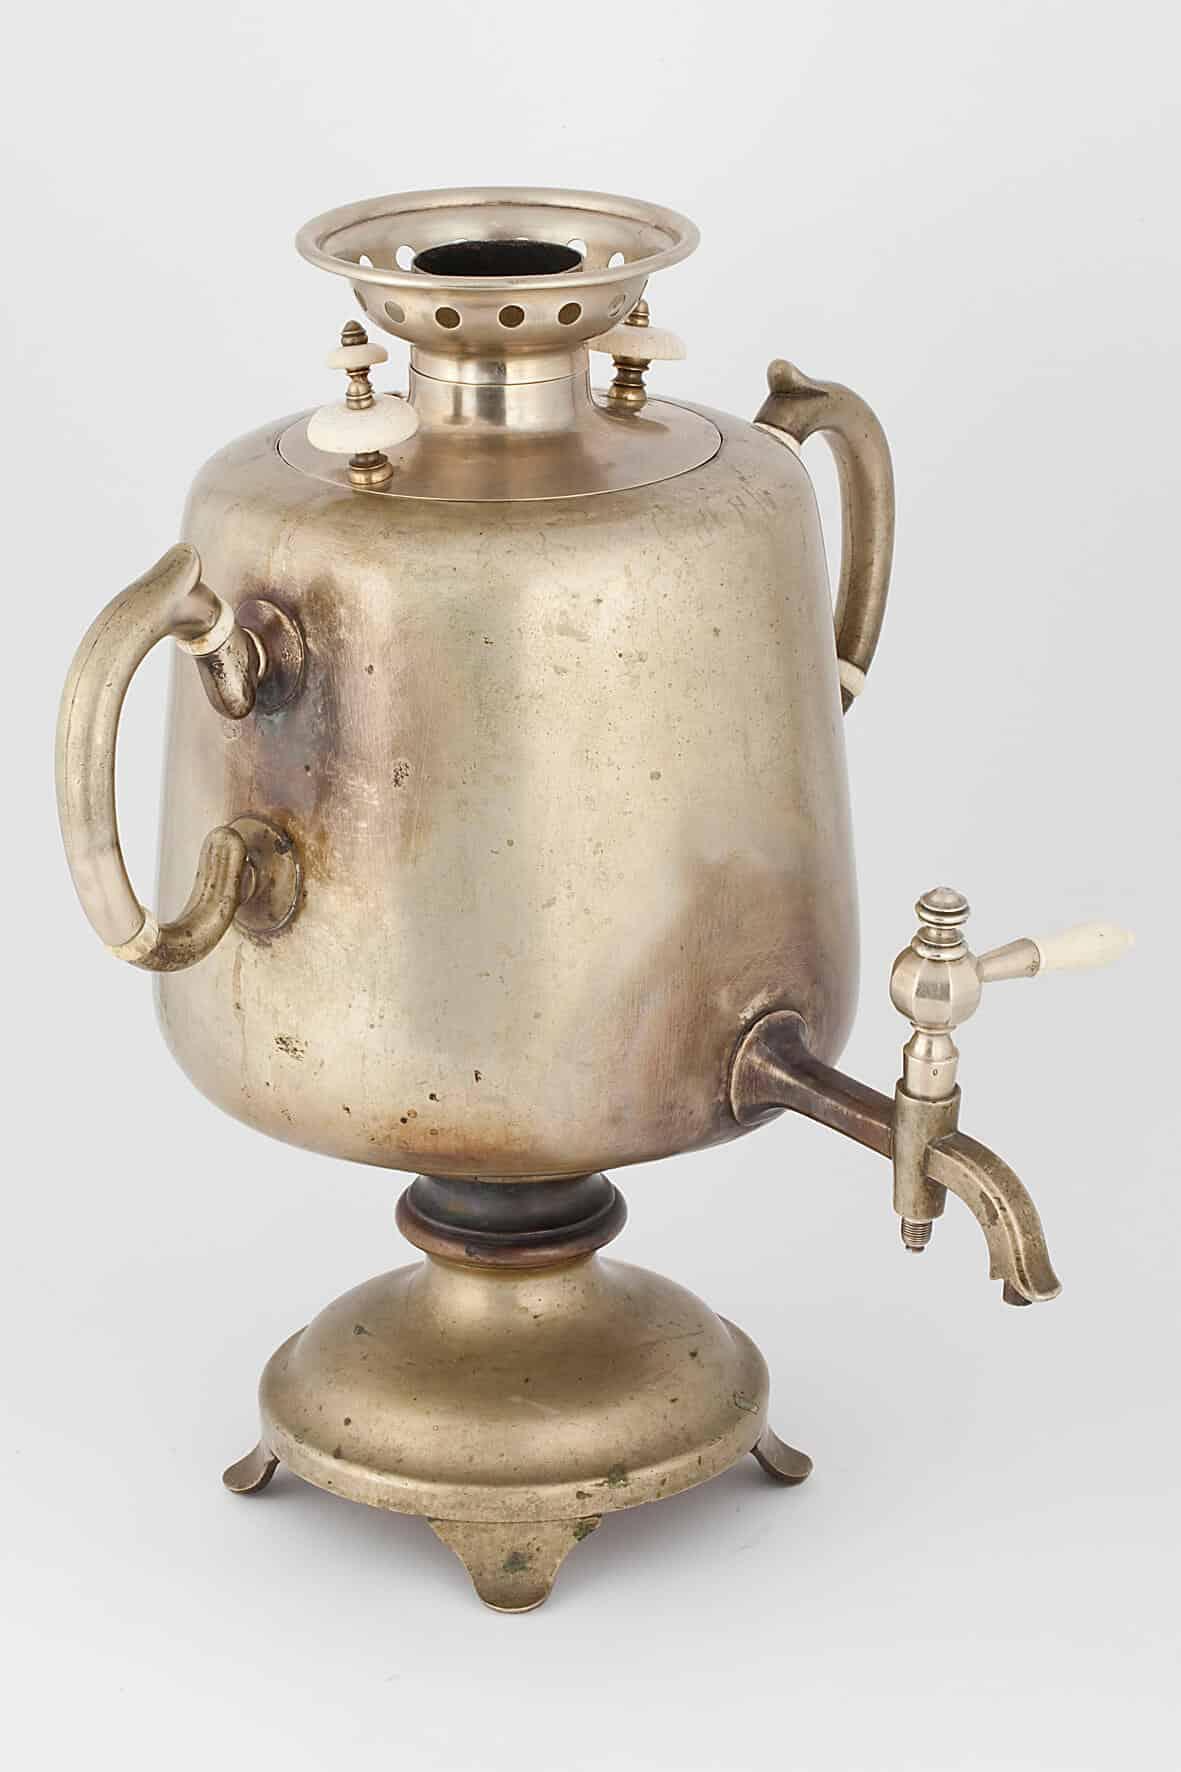 КБ 457 | Самовар-ваза с вертикальными ручками | Музей самоваров и бульоток